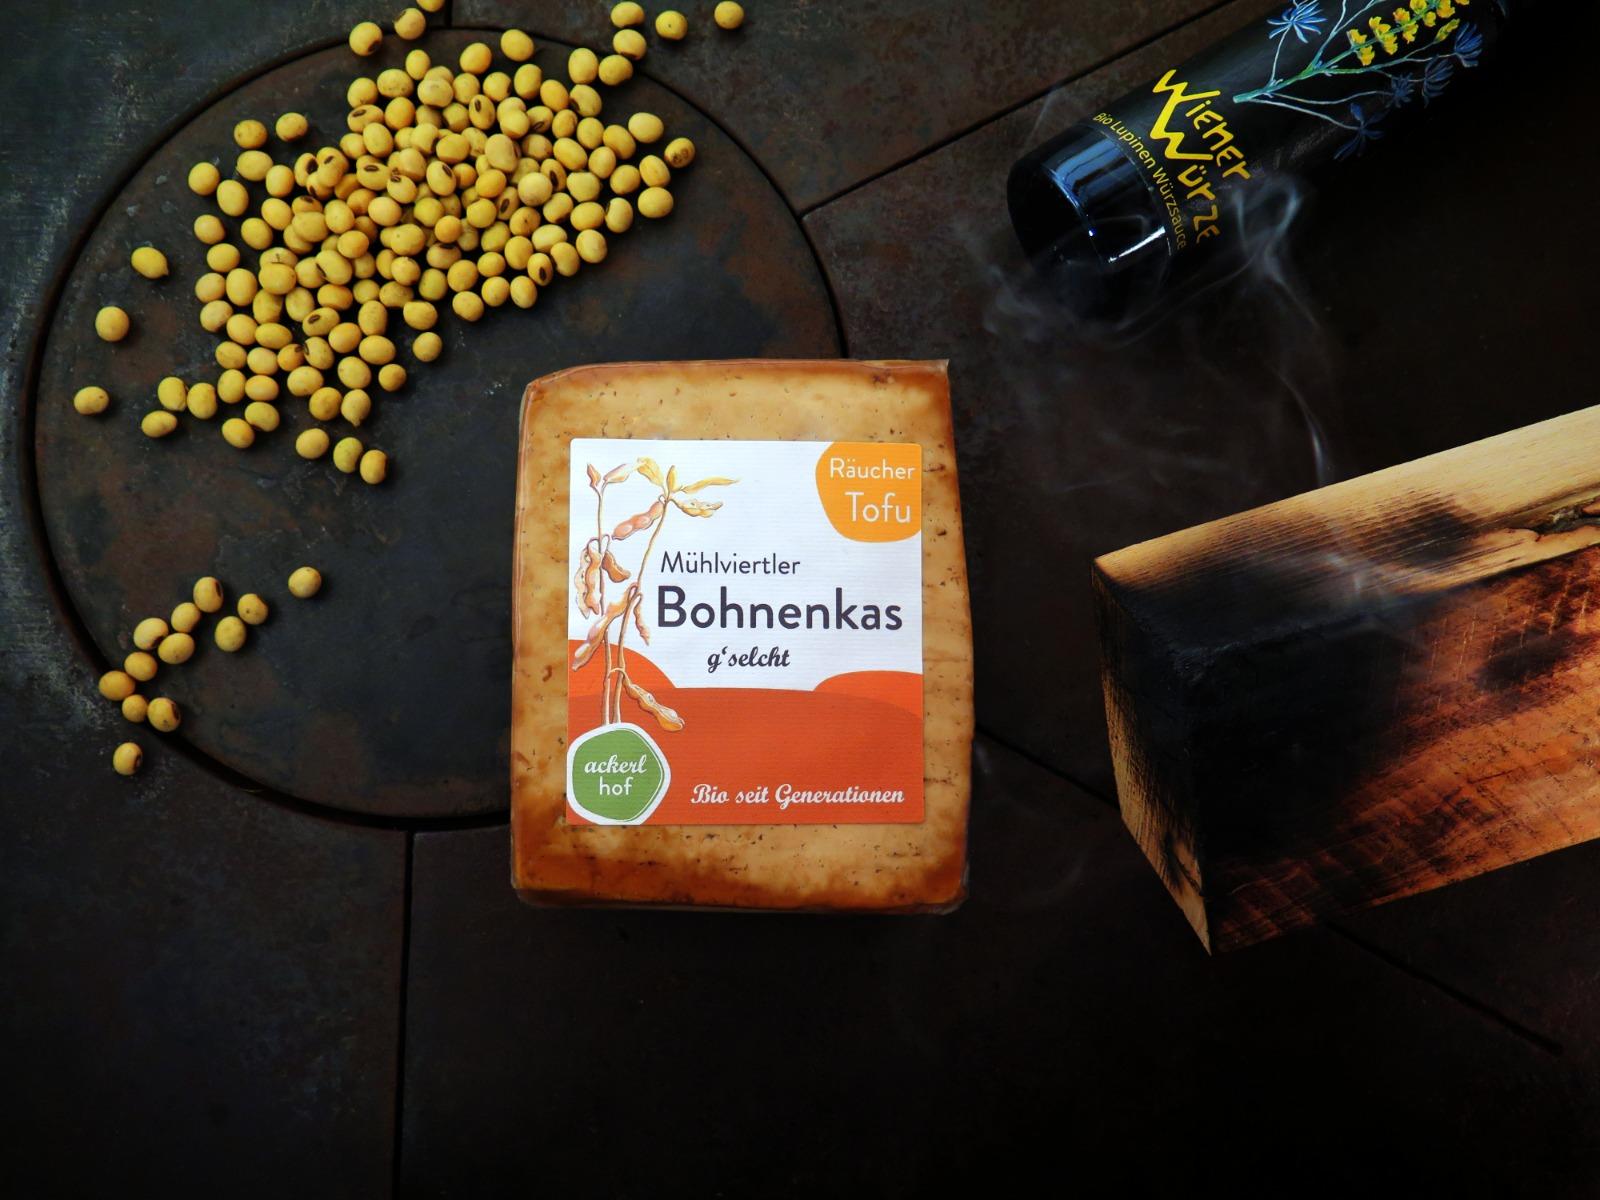 WienerWürze goes Bohnenkas